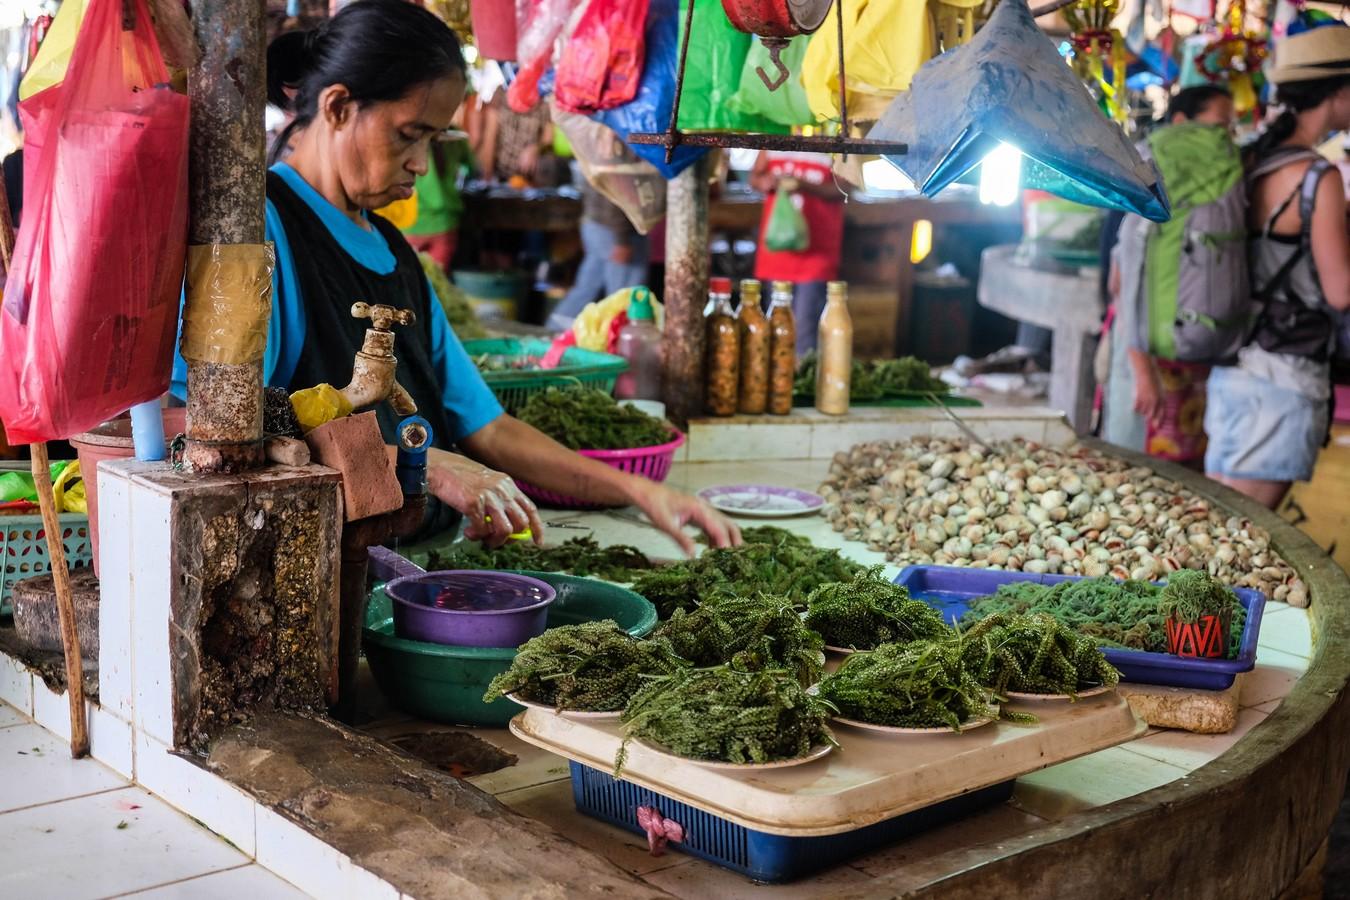 Stand d'algues sur un marché aux poissons aux Philippines.